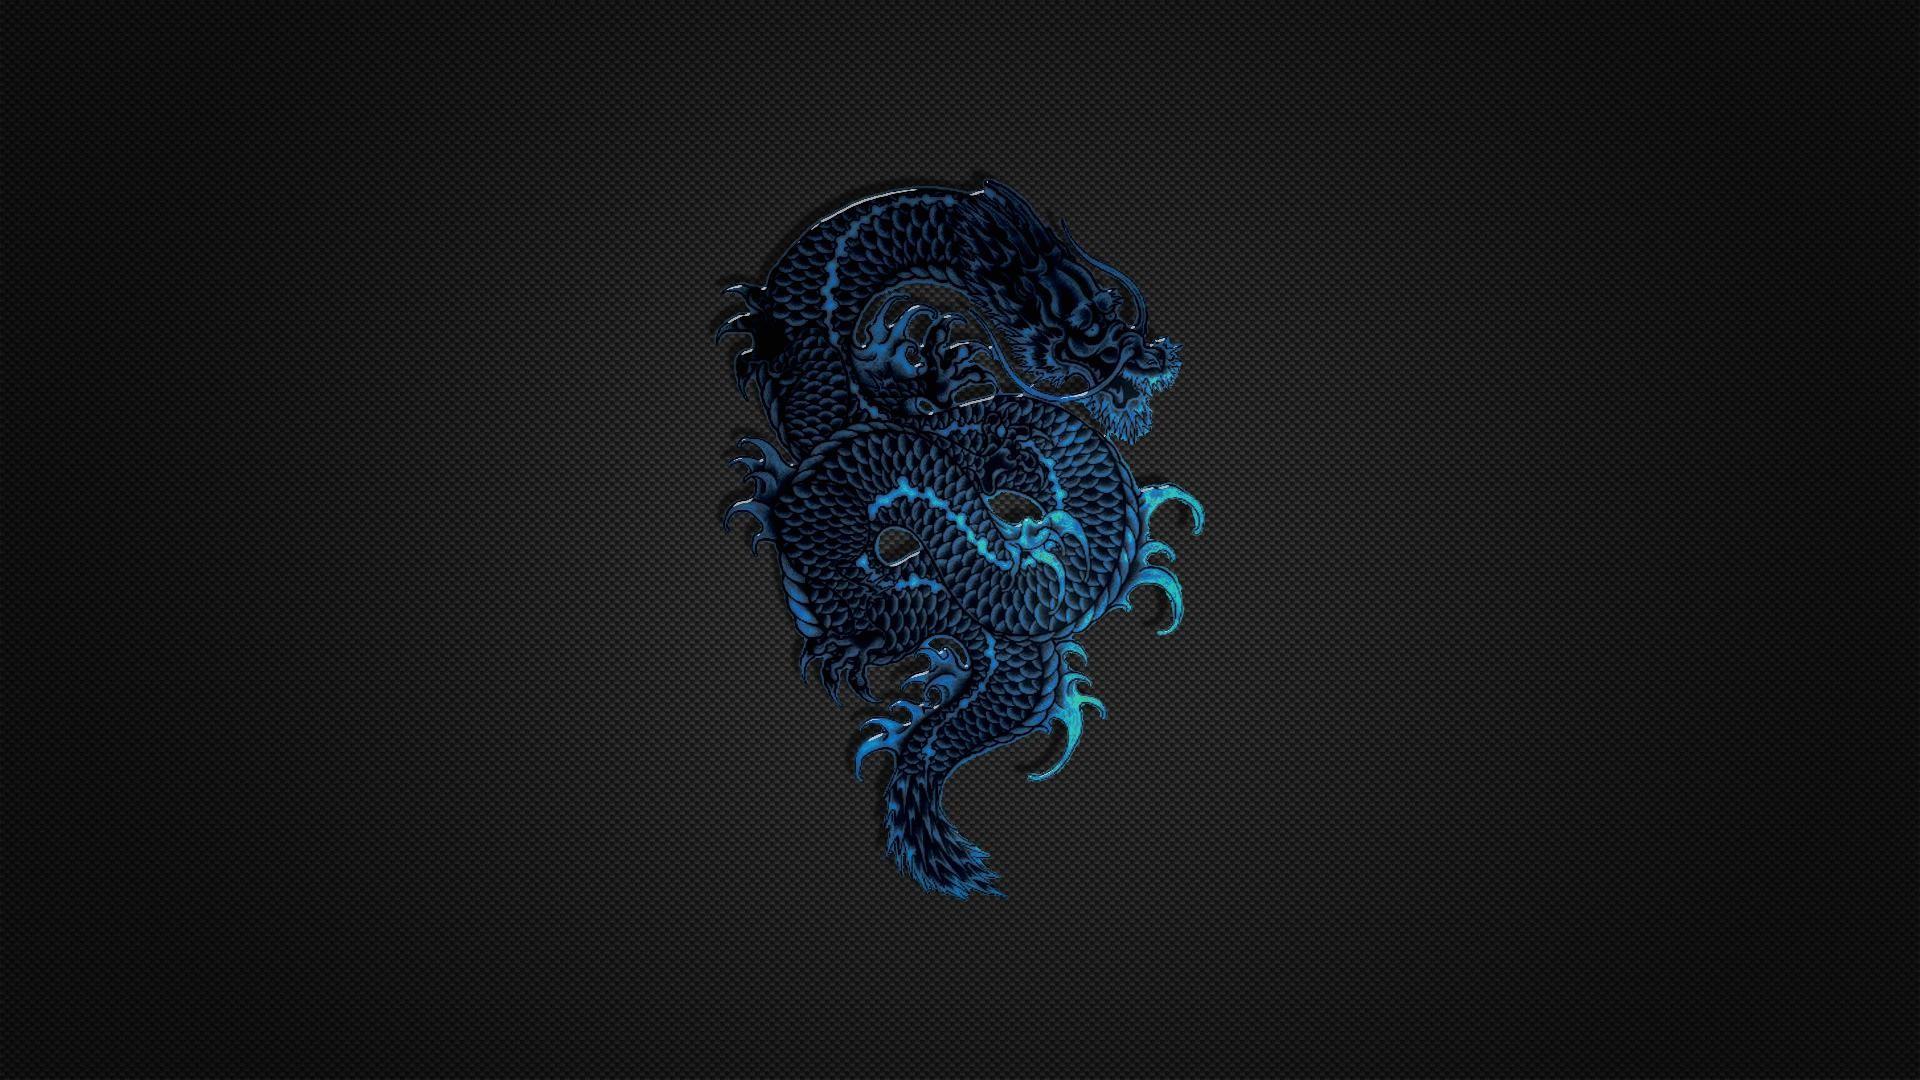 Wallpaper-hd-1080p-blue-dragon-logo-on-black-